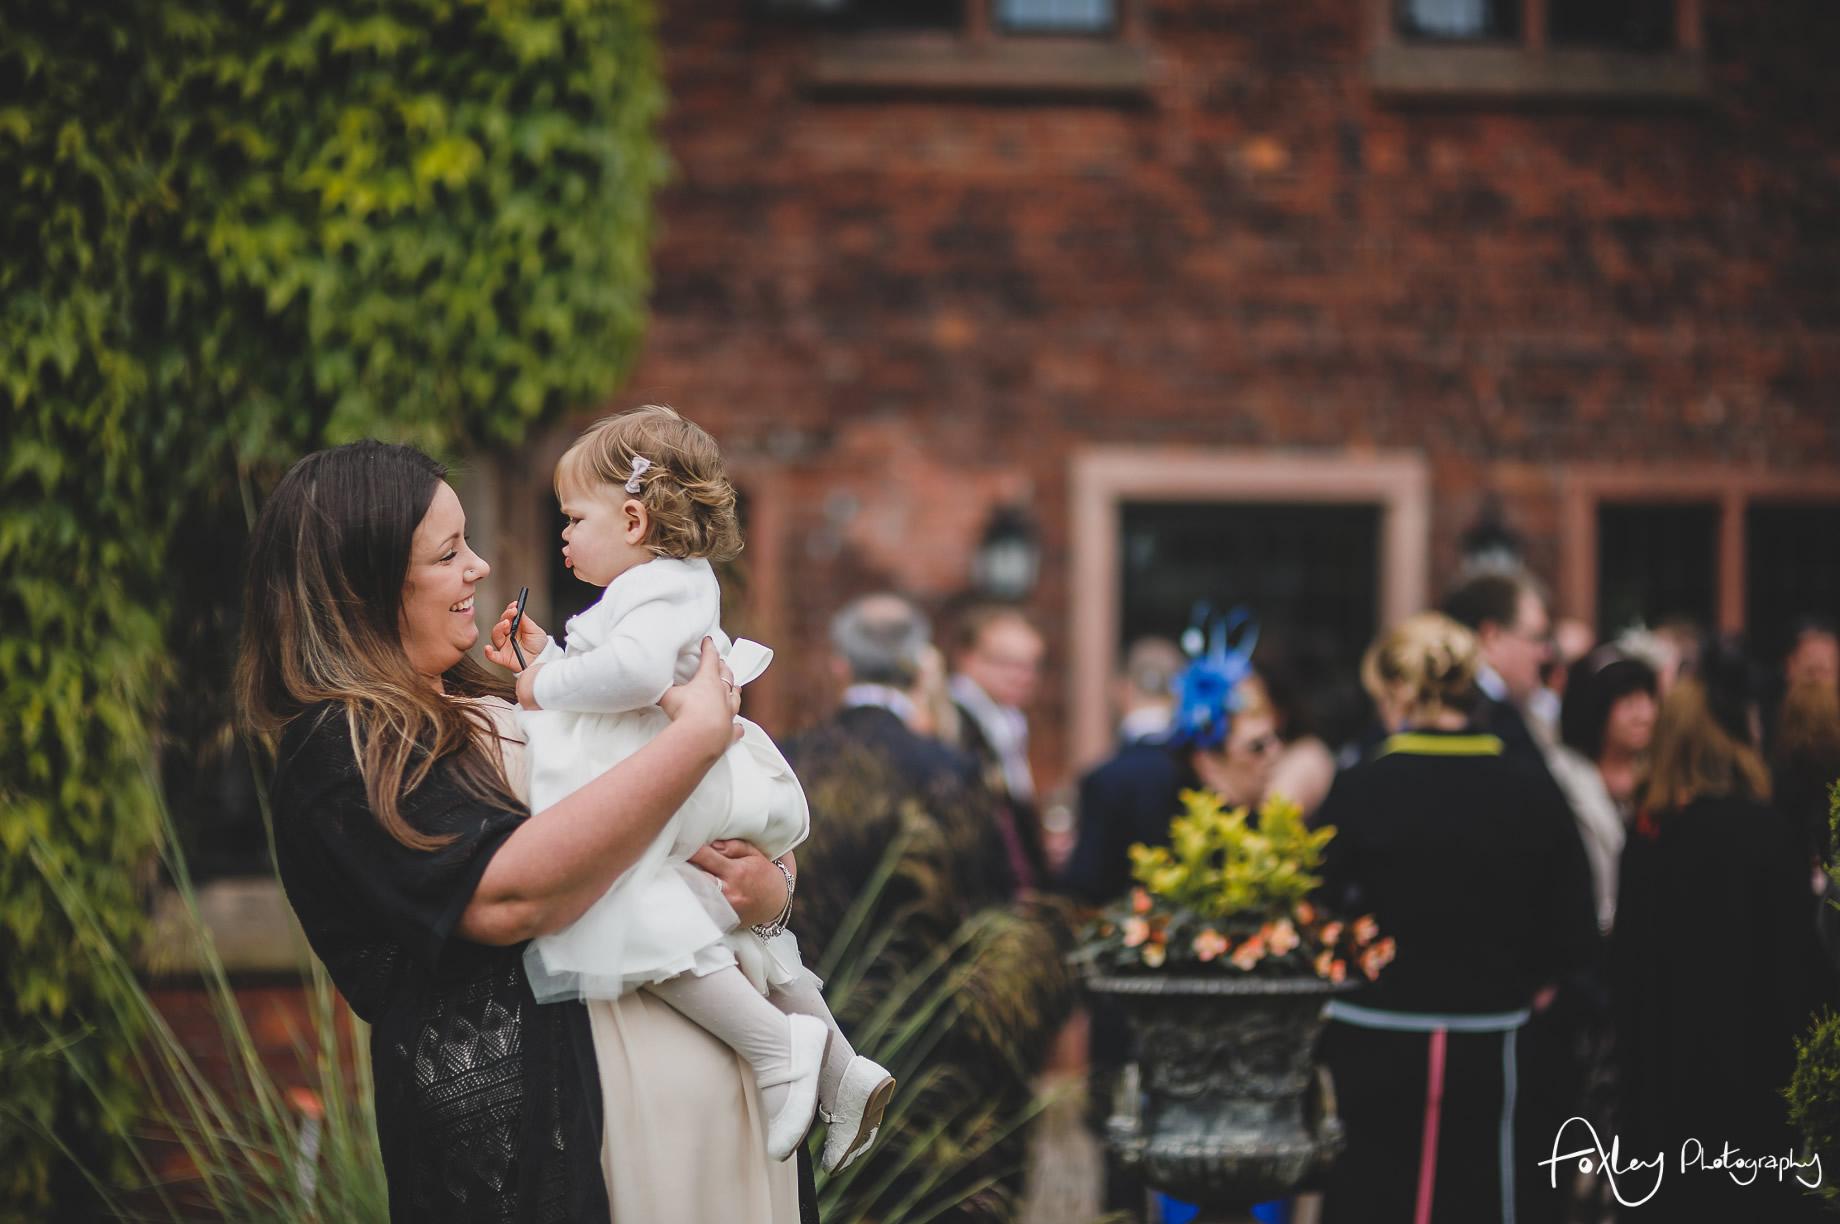 Simona-and-Robert-Wedding-at-Colshaw-Hall-079